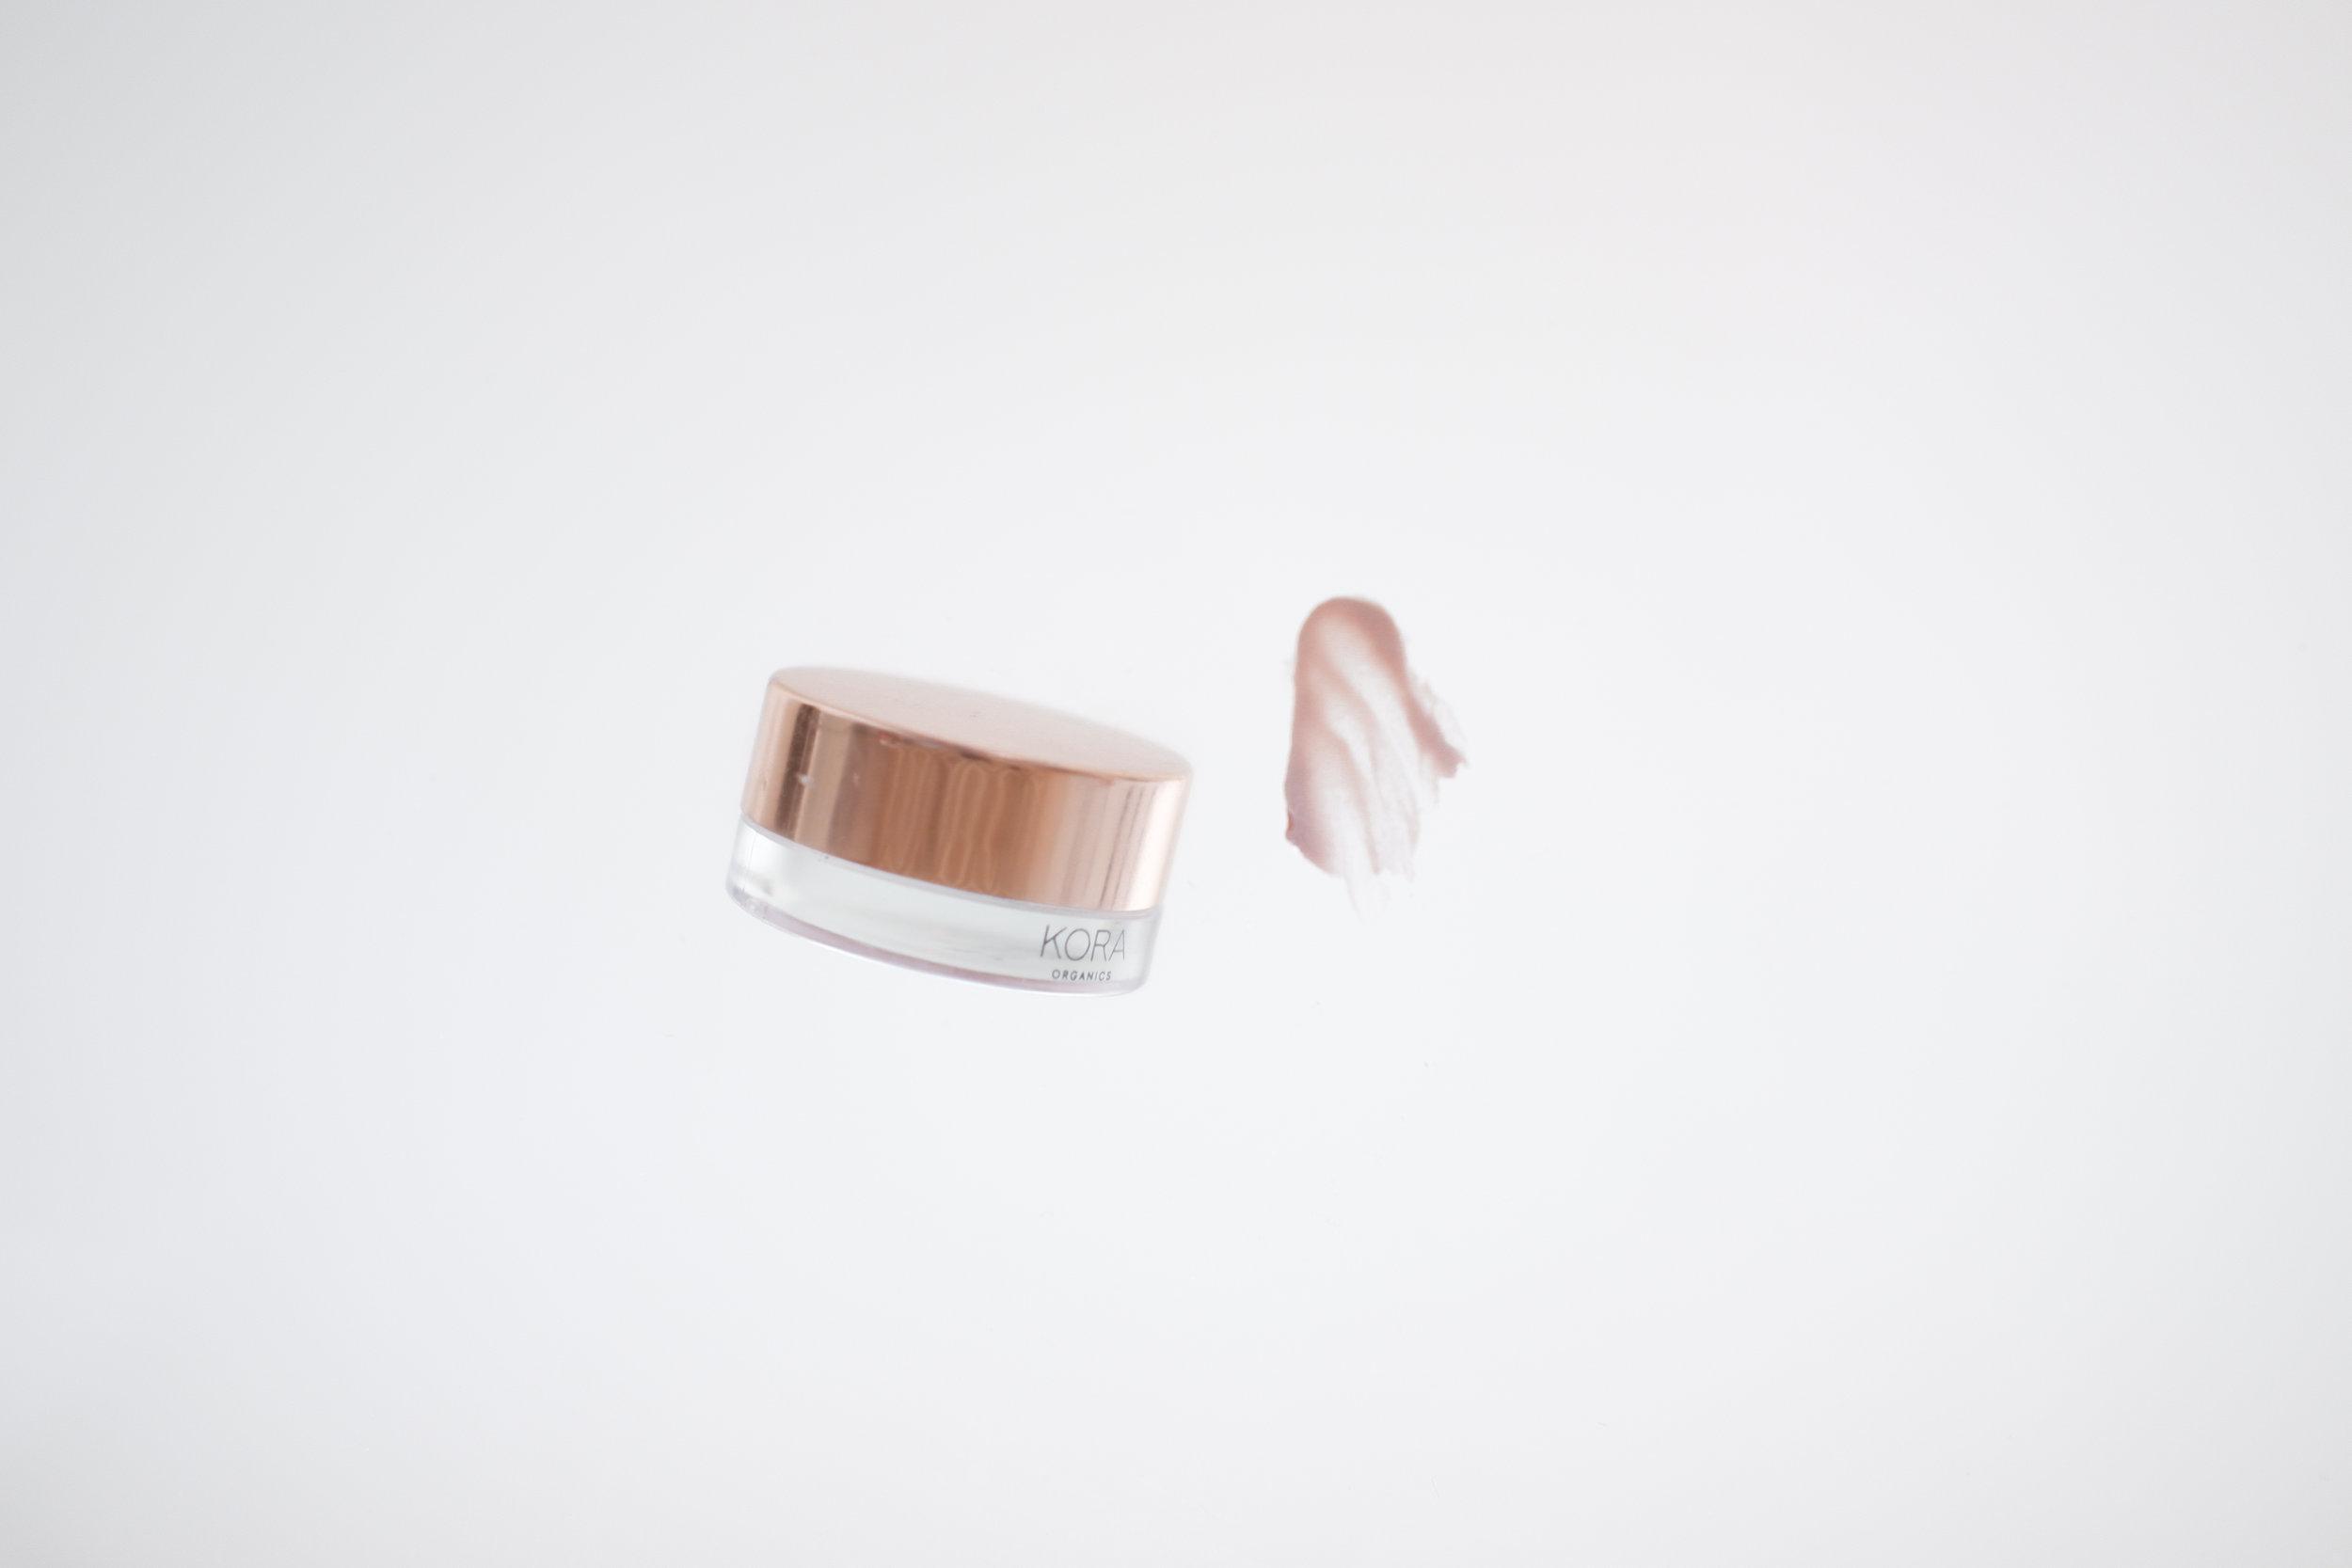 Viikko 29/2019:  Kora Organics Rose Quartz Luminizer  - Voidemainen hehkubalmi, joka antaa iholle kauniin ja hempeän vaaleanpunaisen kiillon. Voide ei jätä ihoa tahmeaksi ja se sopii kaikille ihotyypeille. Hehkuvoide sisältää ihoa kosteuttavaa ja kirkastavaa noni-hedelmän uutetta sekä ravitsevaa kookospähkinäöljyä. Voiteessa on myös antioksidanttista ruusunmarjaa. Kyseessä on siis ihonhoidon ja meikin täydellinen yhdistelmä. Vaaleanpunainen väri tulee jauhetusta ruusukvartsista.